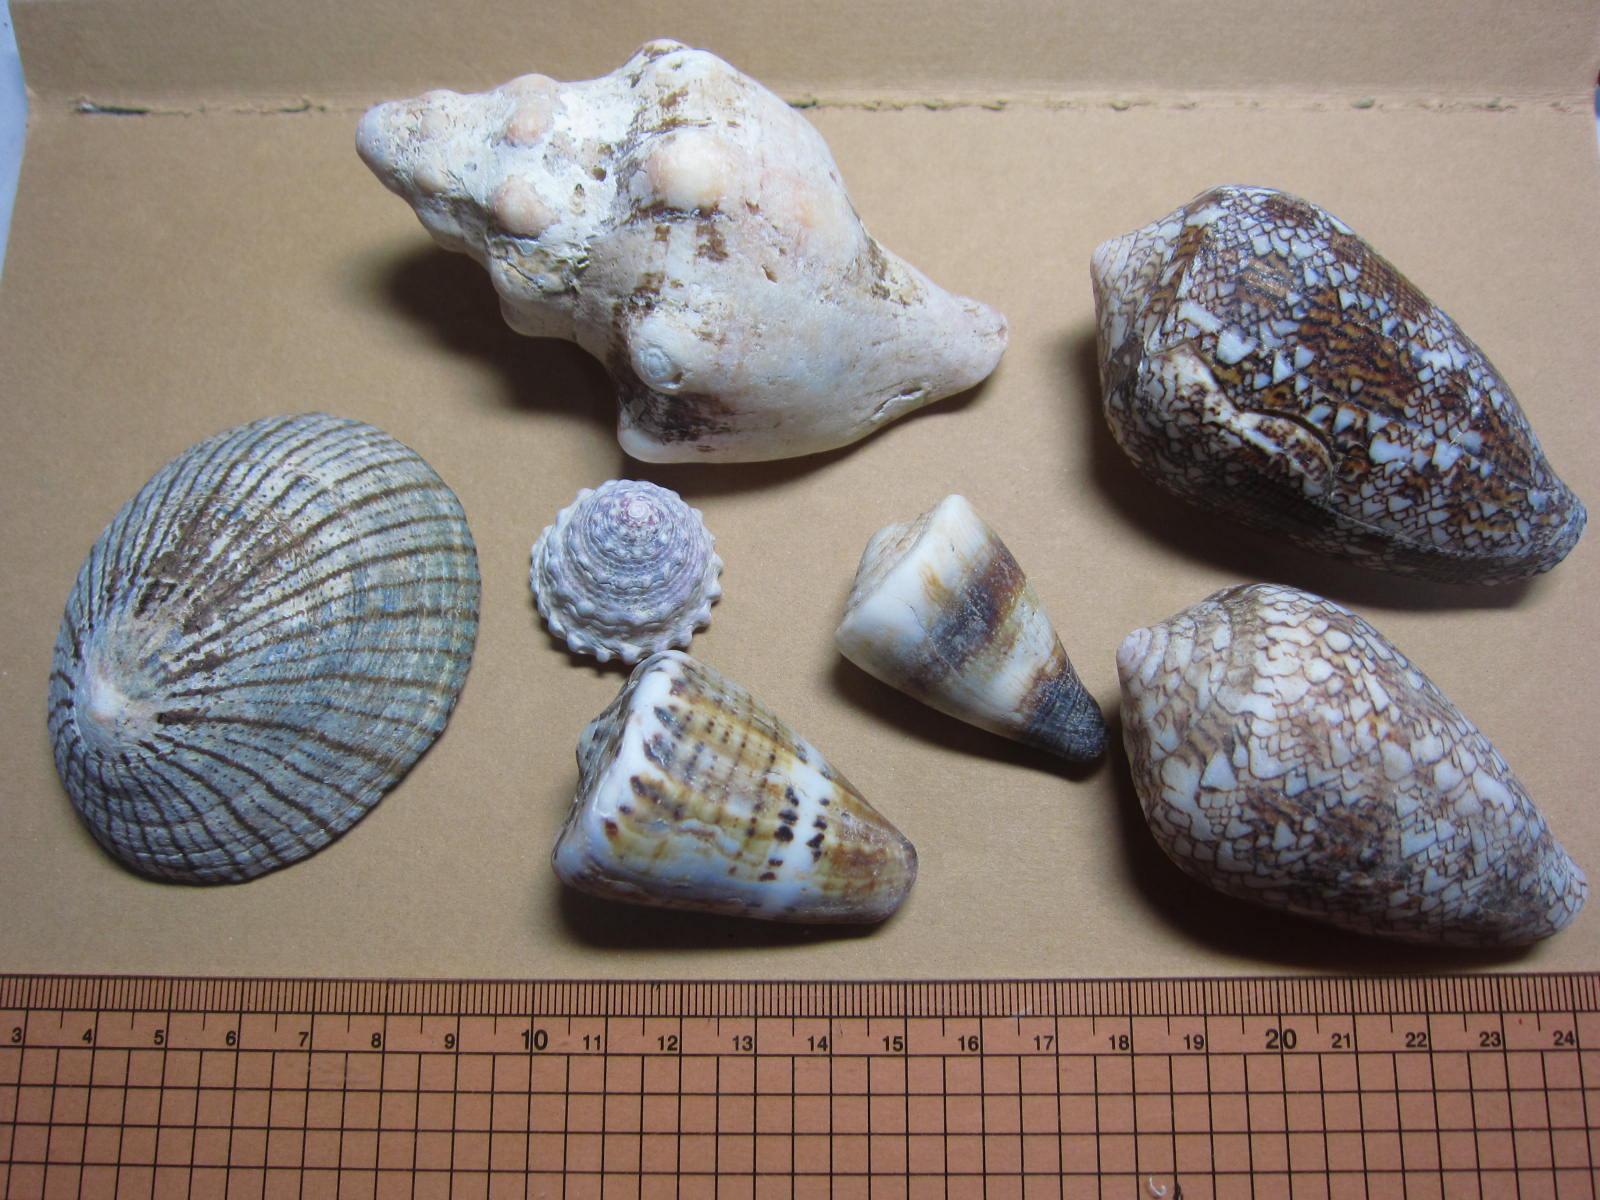 室戸の海岸の貝殻